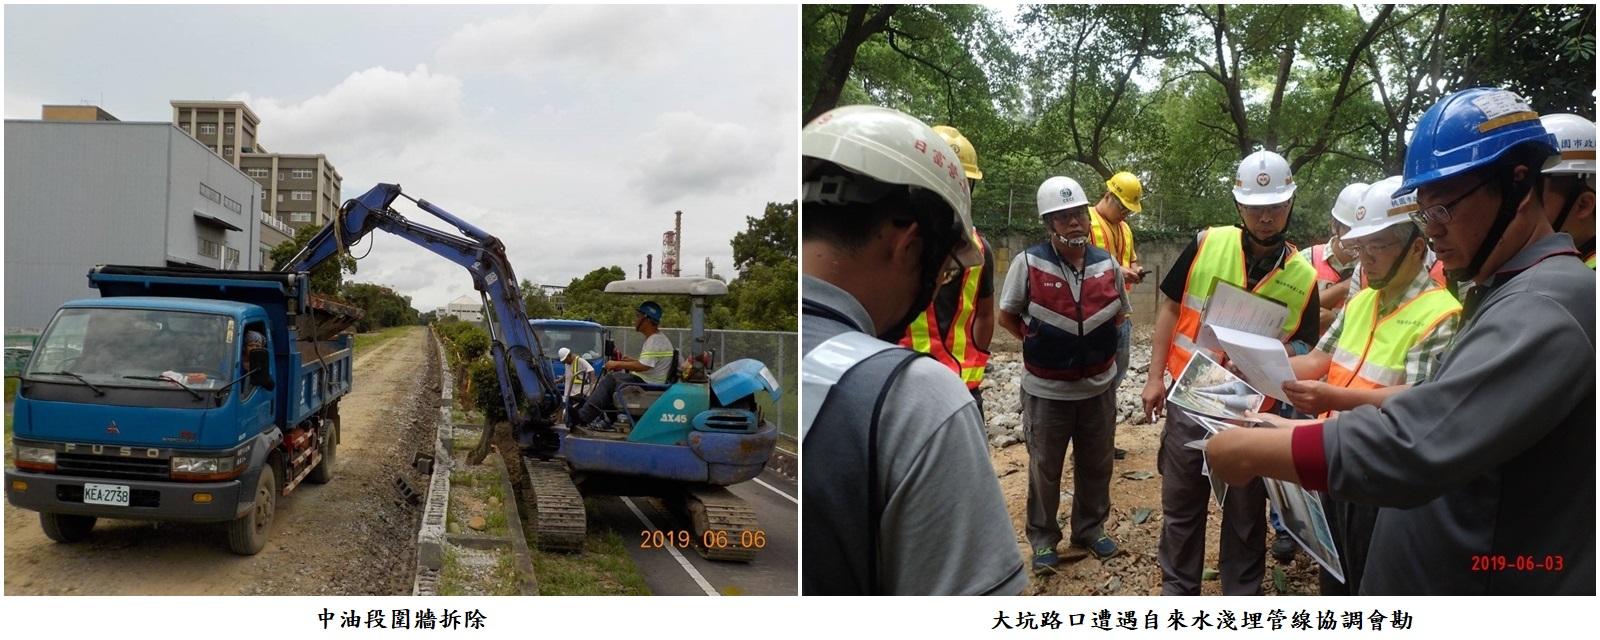 中油段圍牆拆除、大坑路口遭遇自來水淺埋管線協調會勘